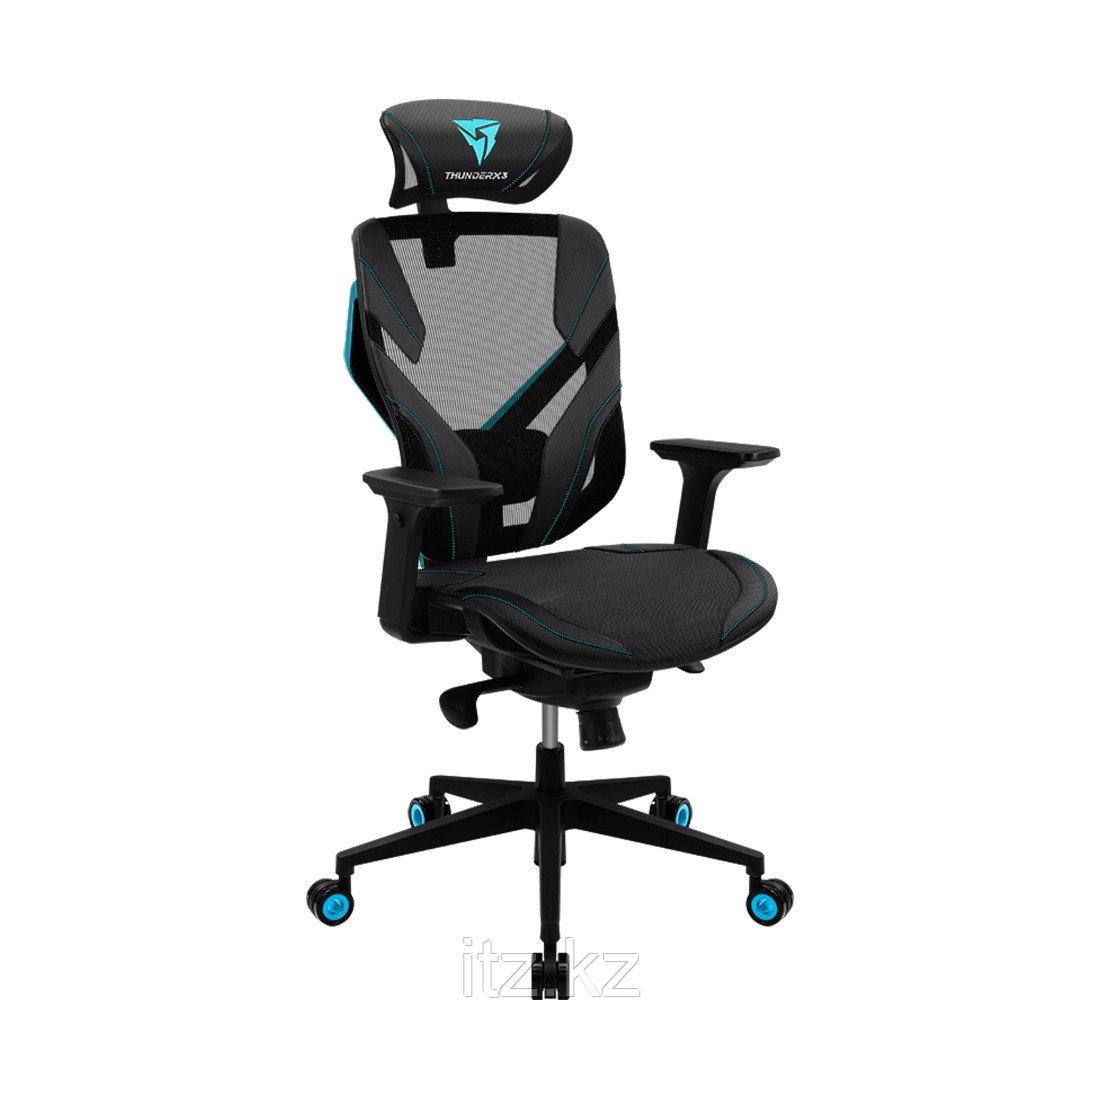 Игровое компьютерное кресло ThunderX3 YAMA5 BC